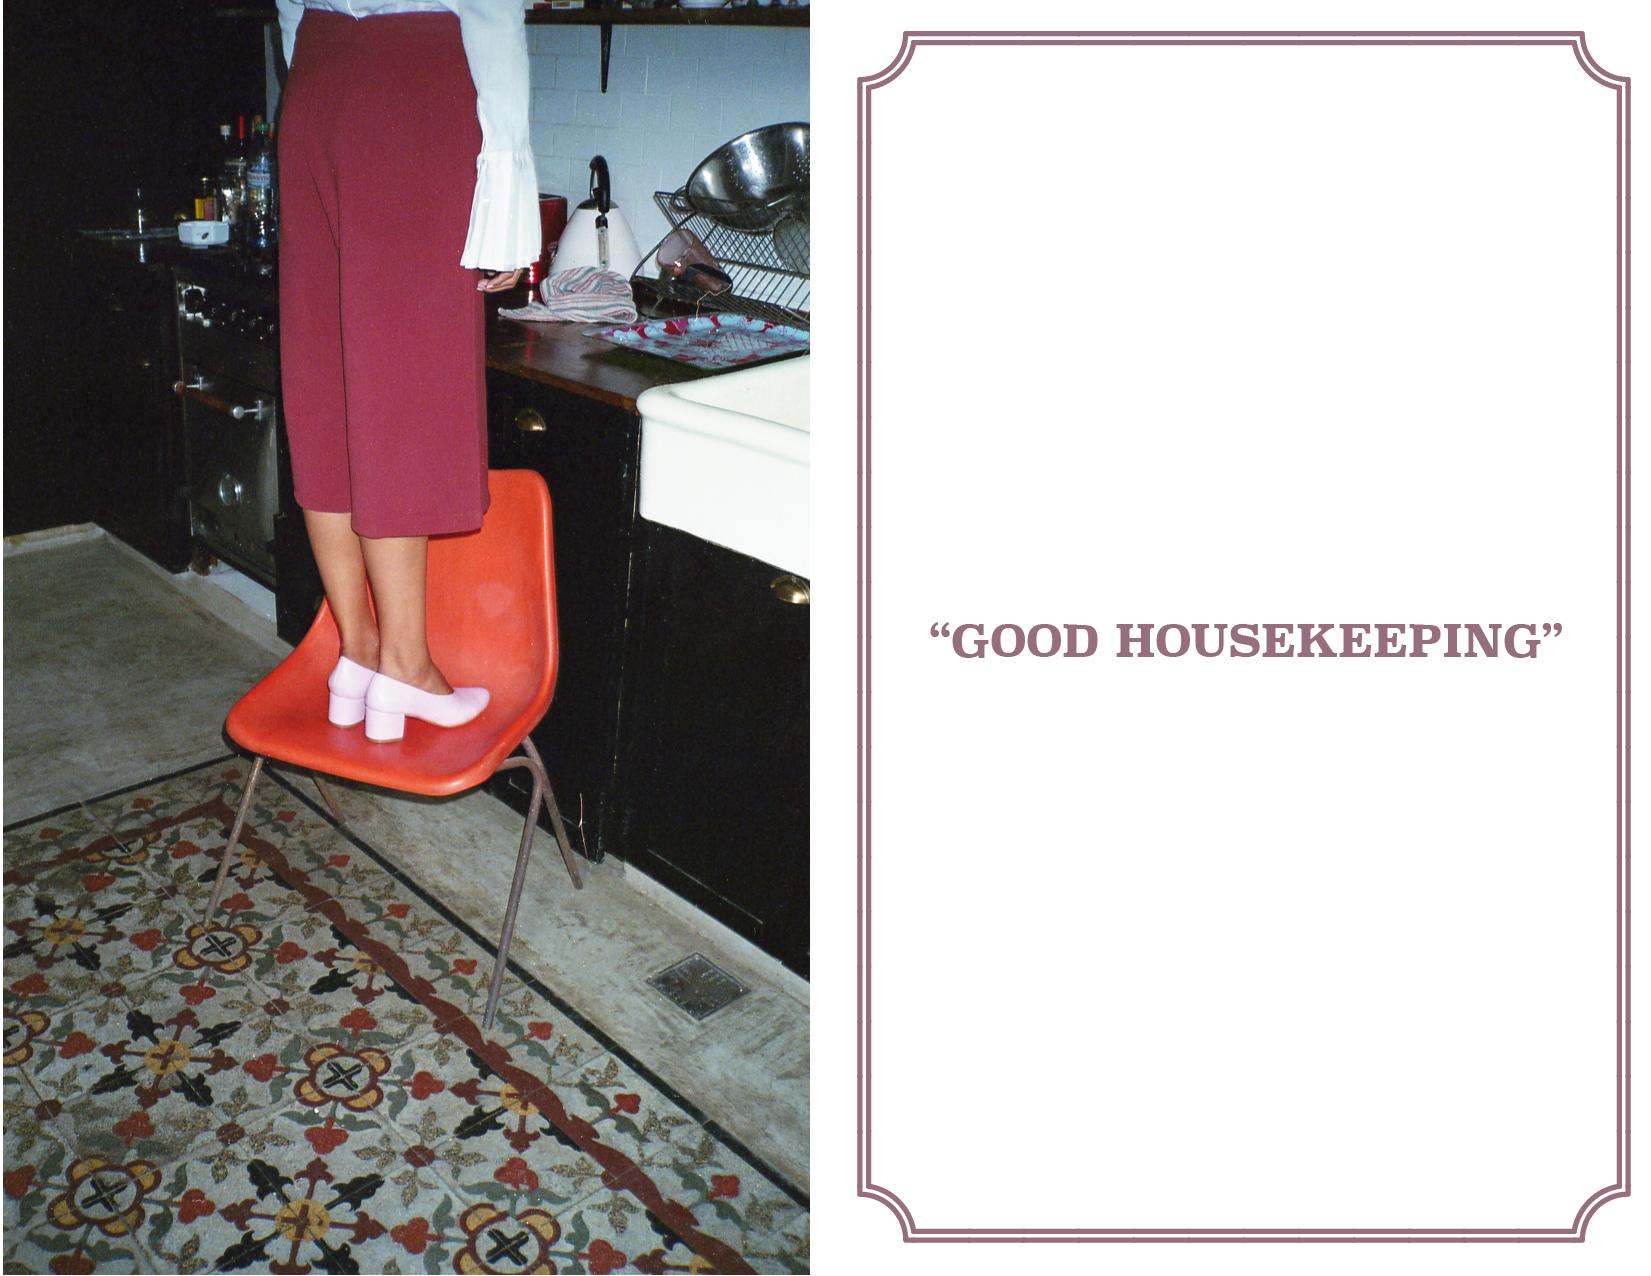 good housekeeping-25.png